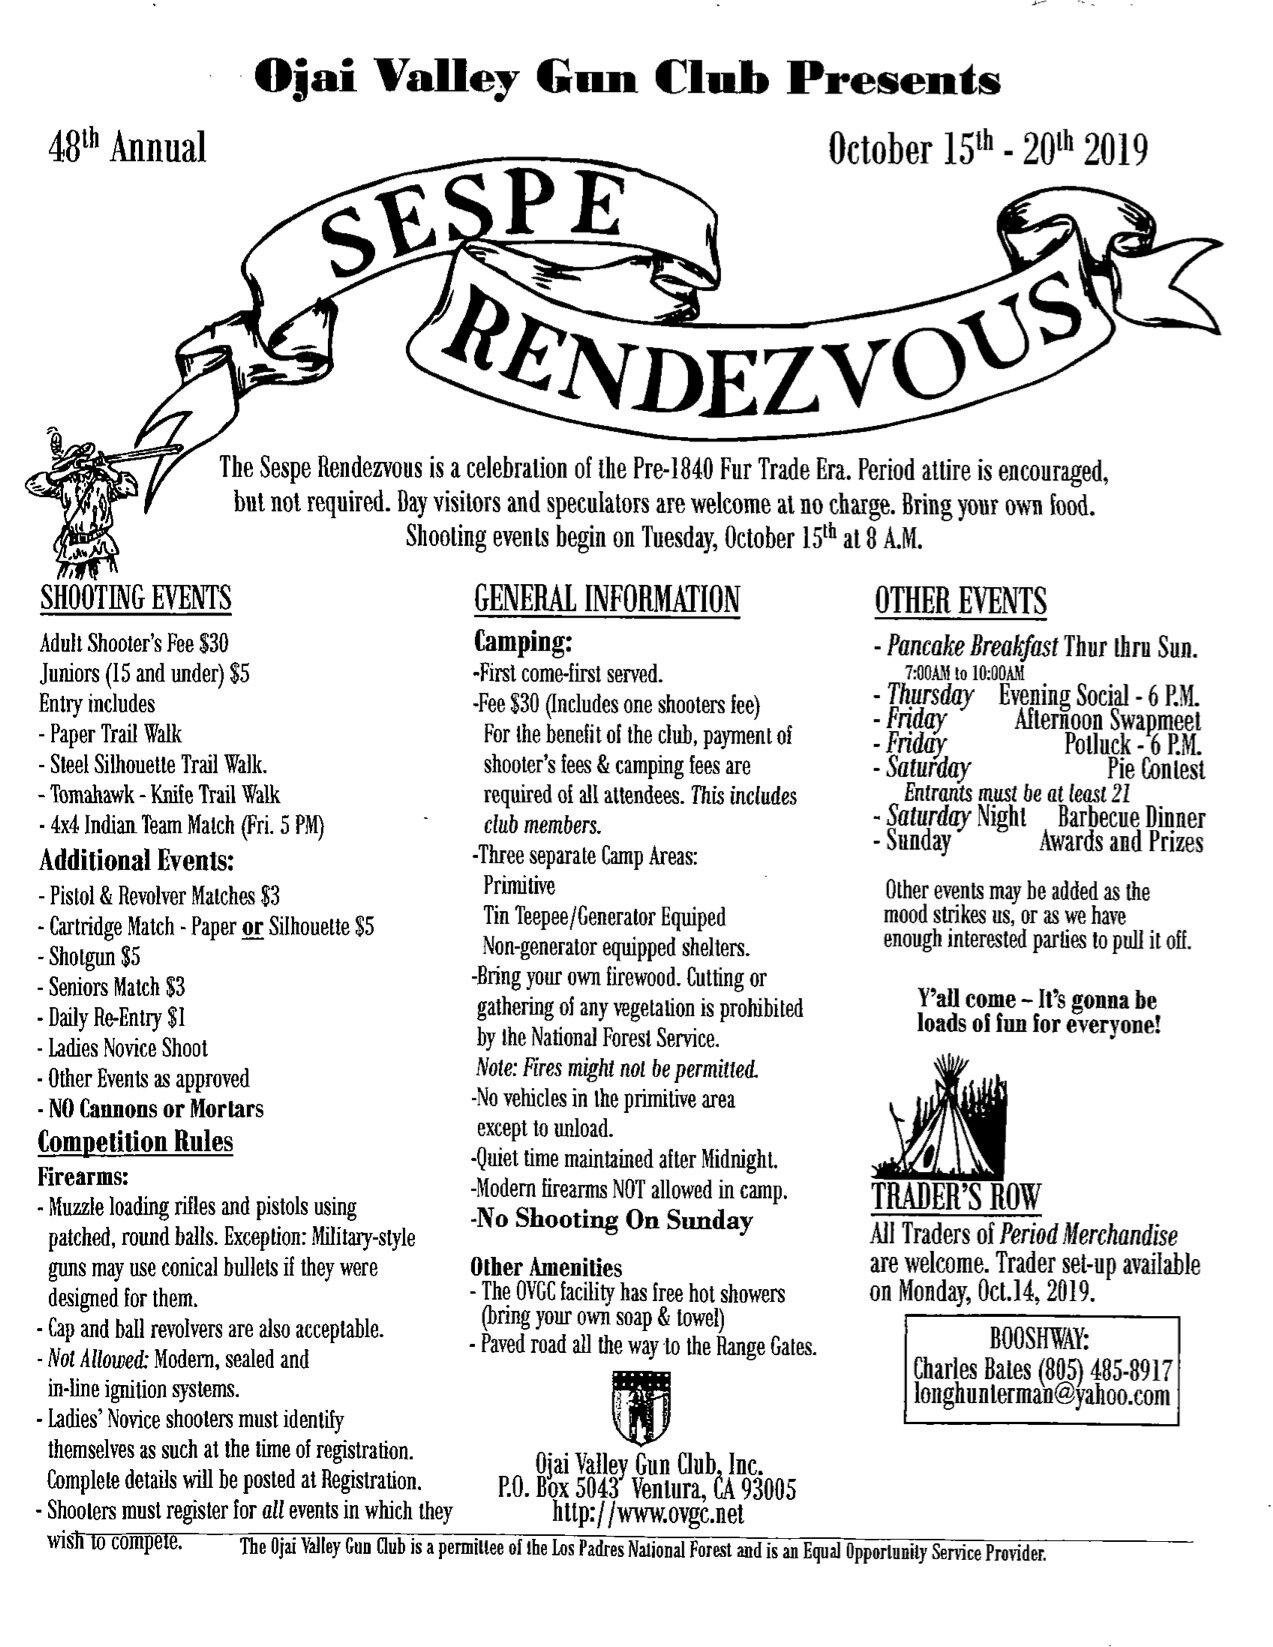 2019 Sespe Rendezvous Flyer .jpg